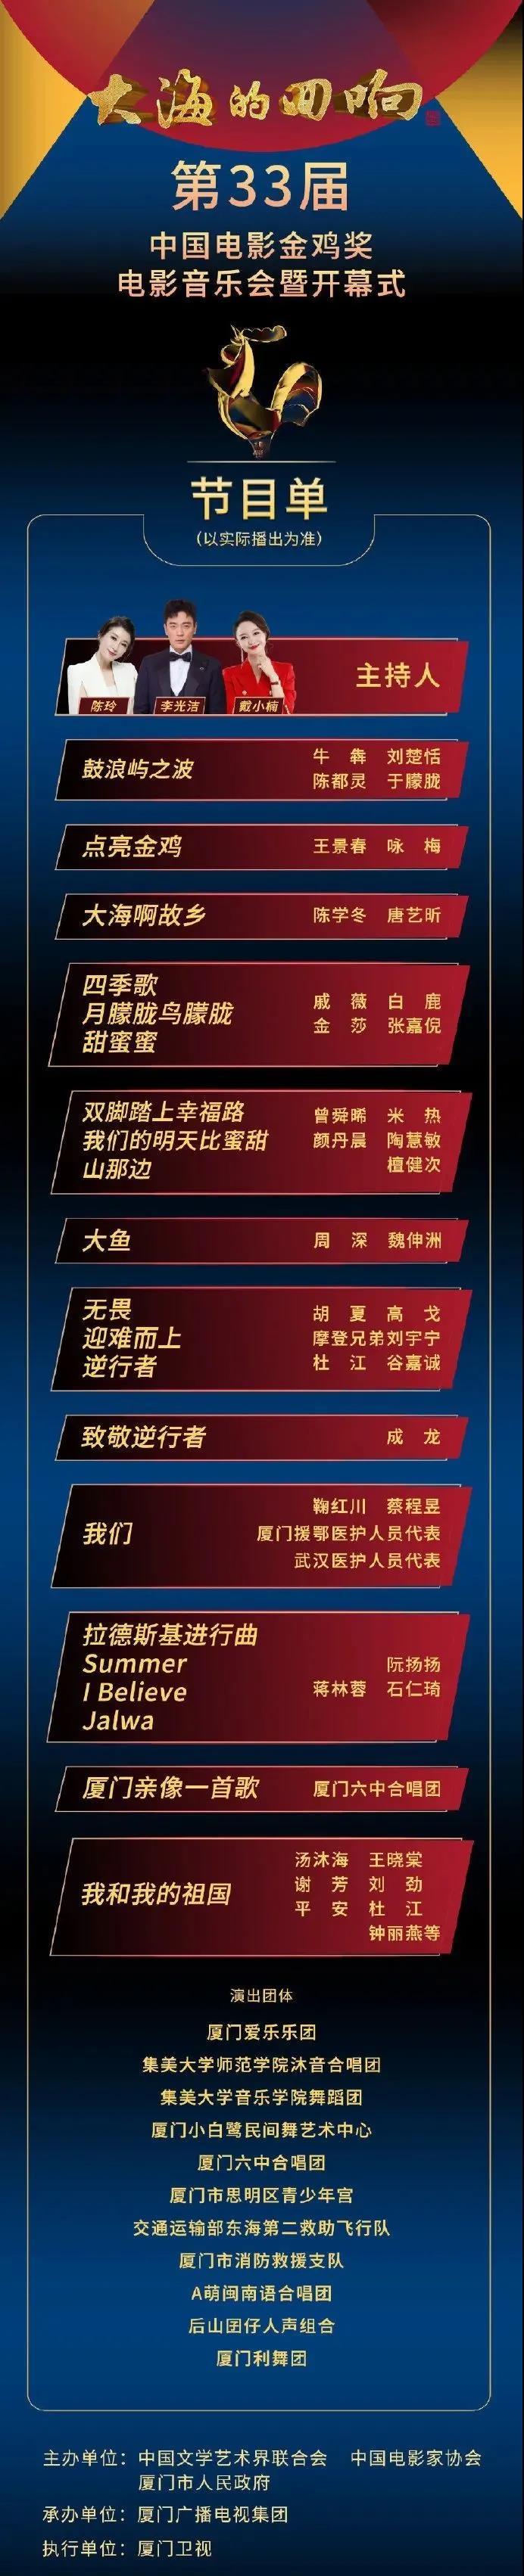 第33届中国电影金鸡奖开幕式节目单曝光!邓超沈腾主持闭幕式!